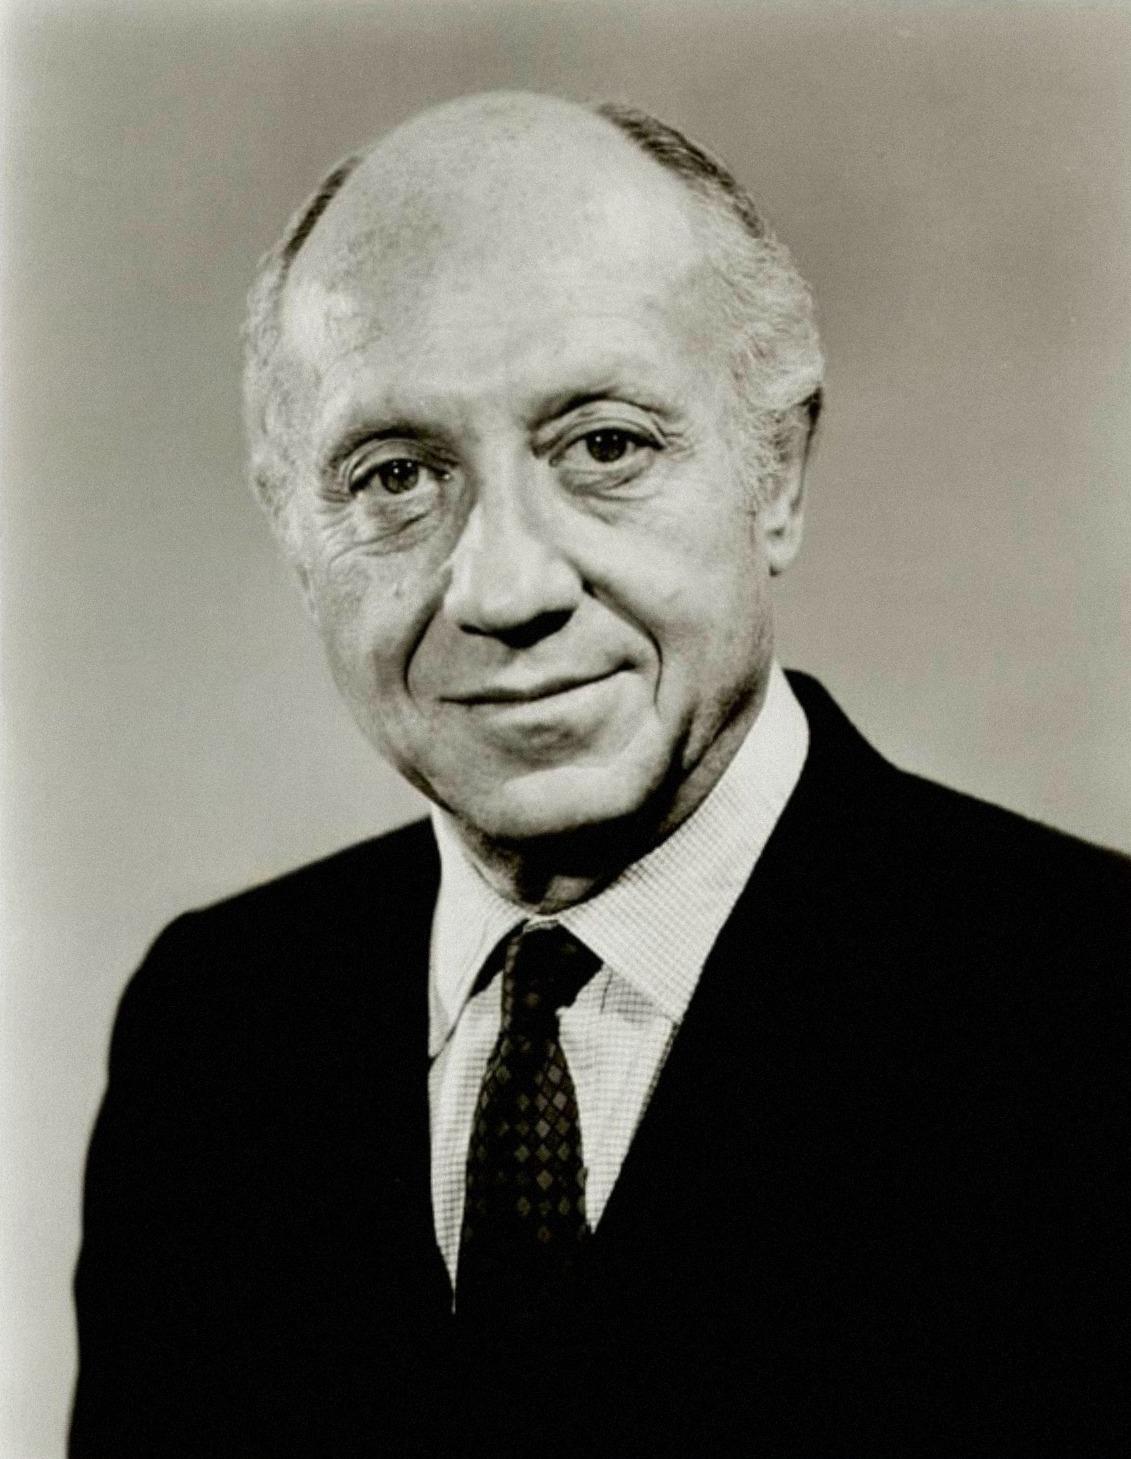 U.S. Senator Jacob K. Javits